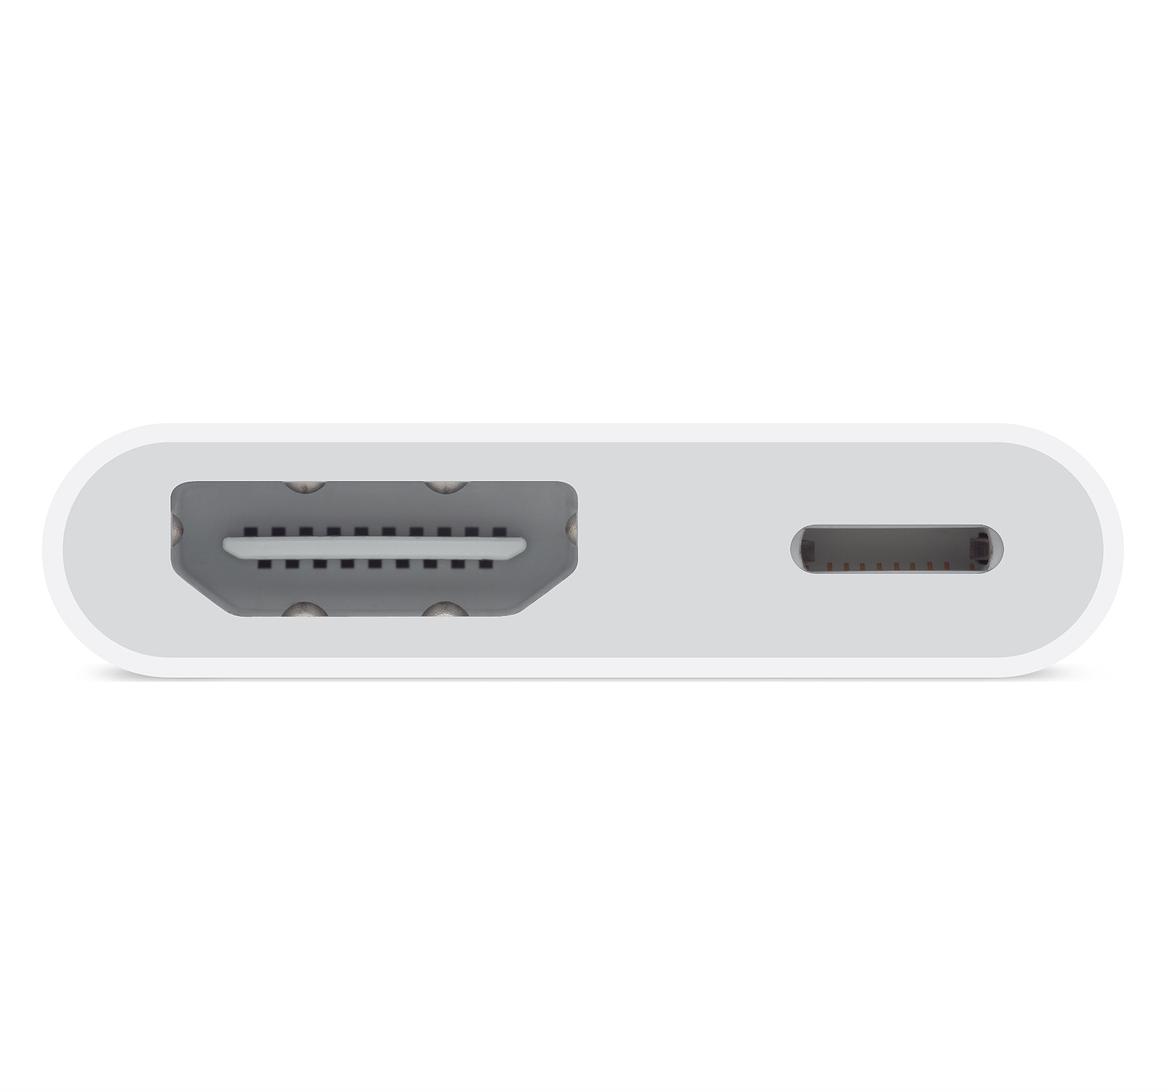 Apple Lightning to Digital AV Adapter